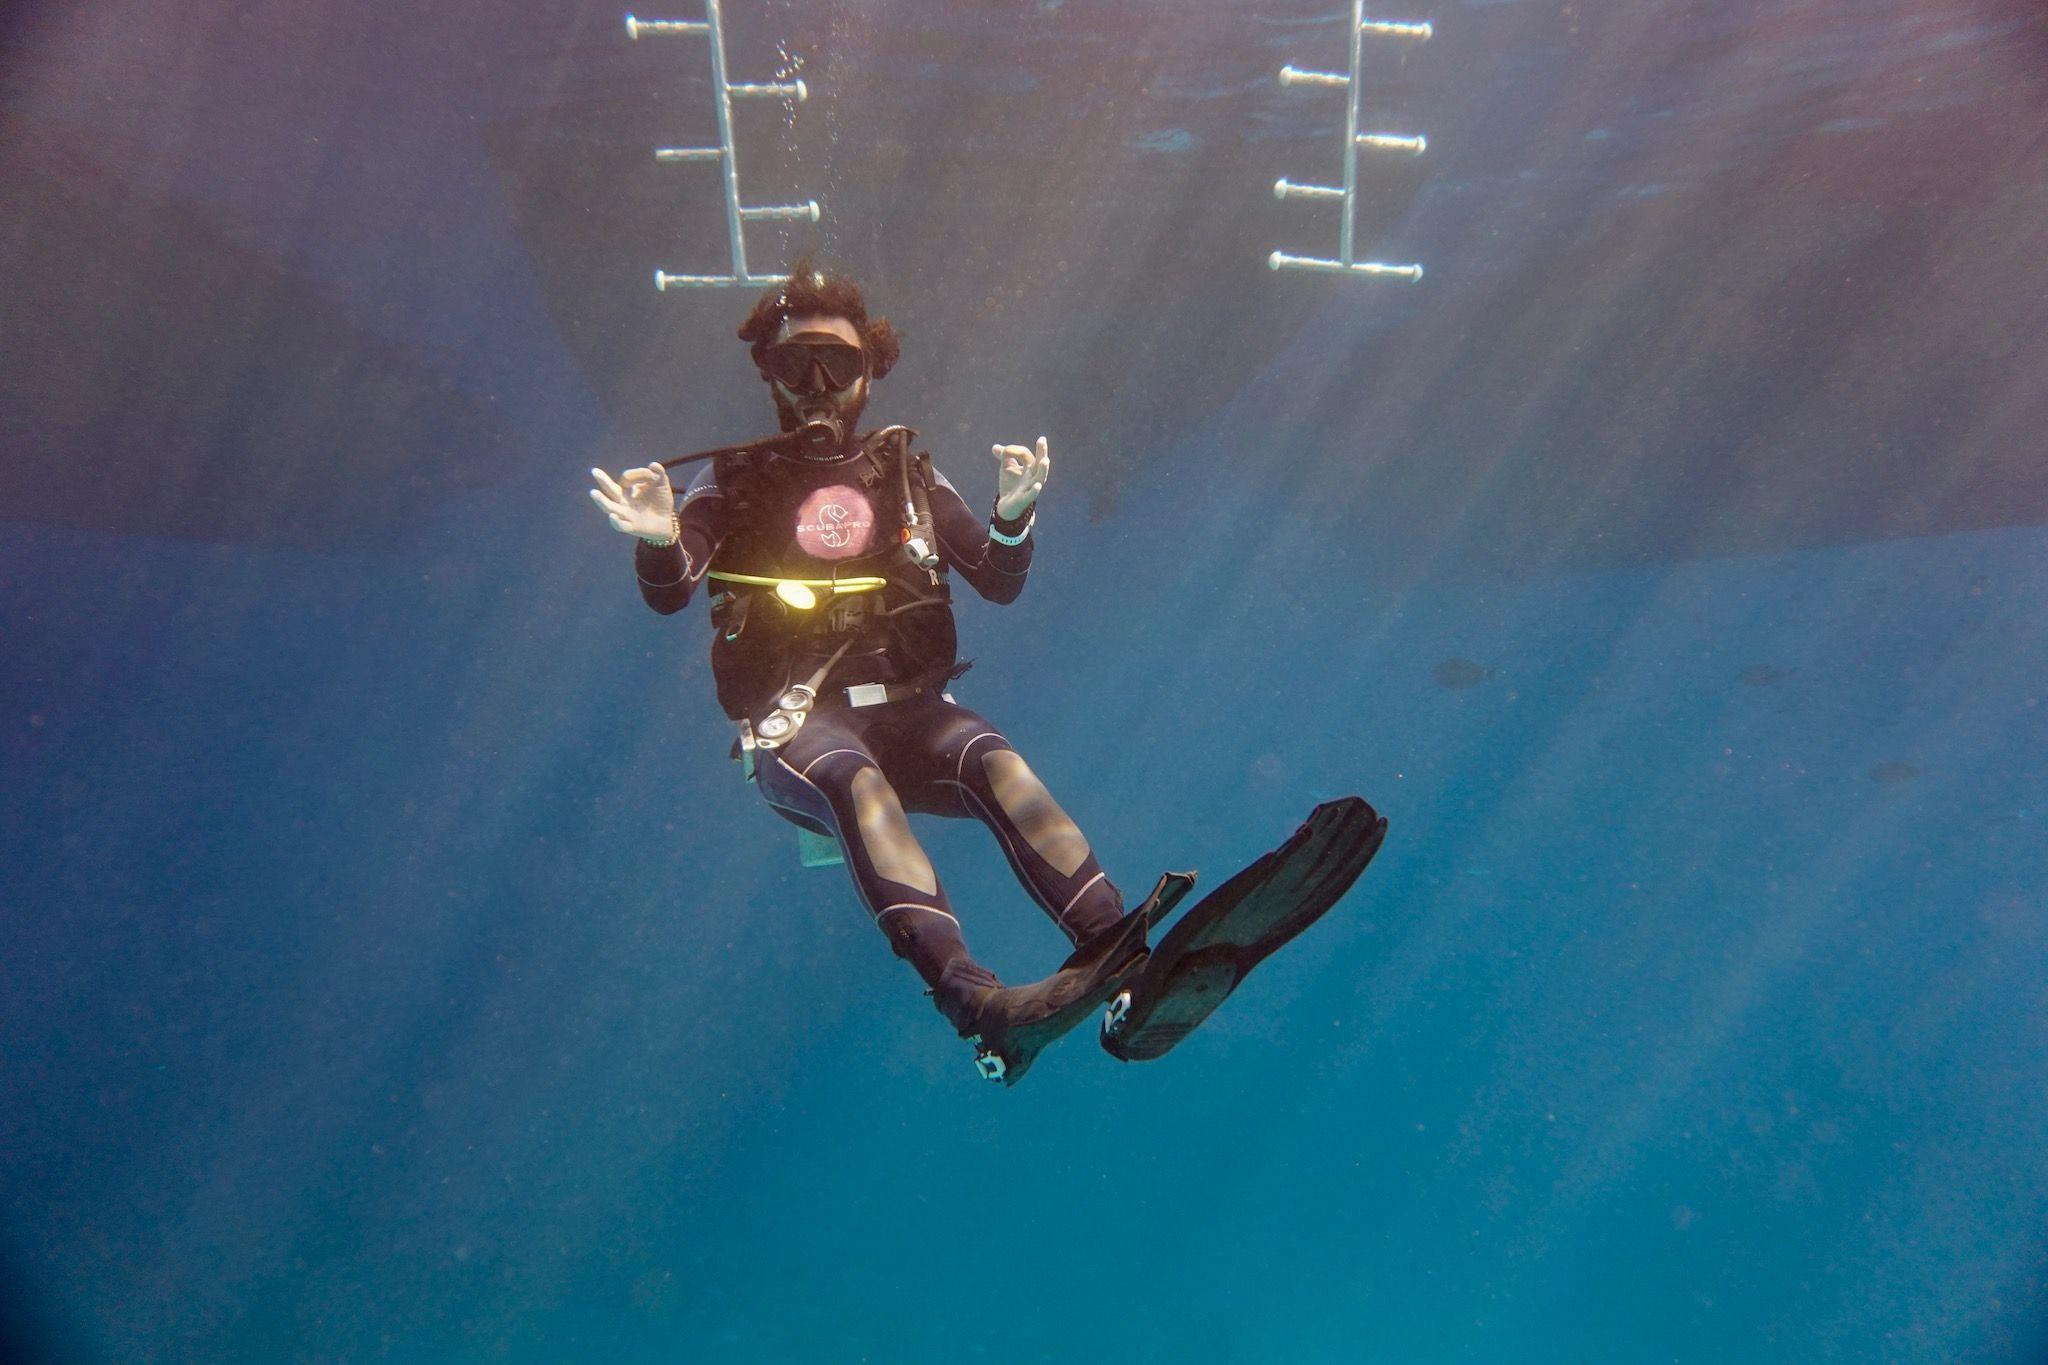 sharm el sheik reise urlaub tipps cleopatra luxury resort vip diving college tauchen ORG DSC01359 Reisebericht Sharm El Sheikh: Tipps zu Sehenswürdigkeiten und Aktivitäten